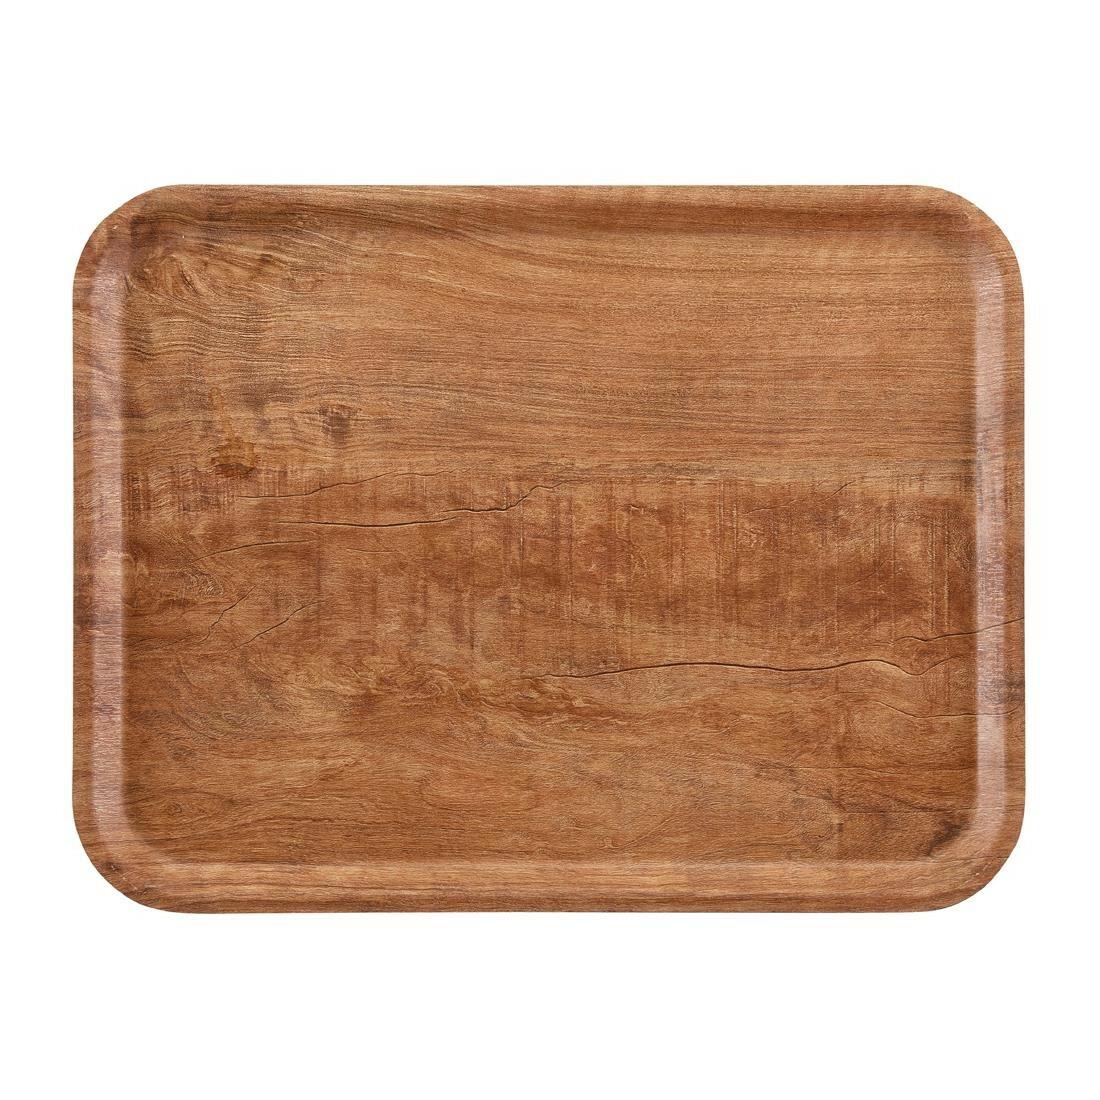 Cambro rechthoekig dienblad bruin olijf 43 x 33 cm